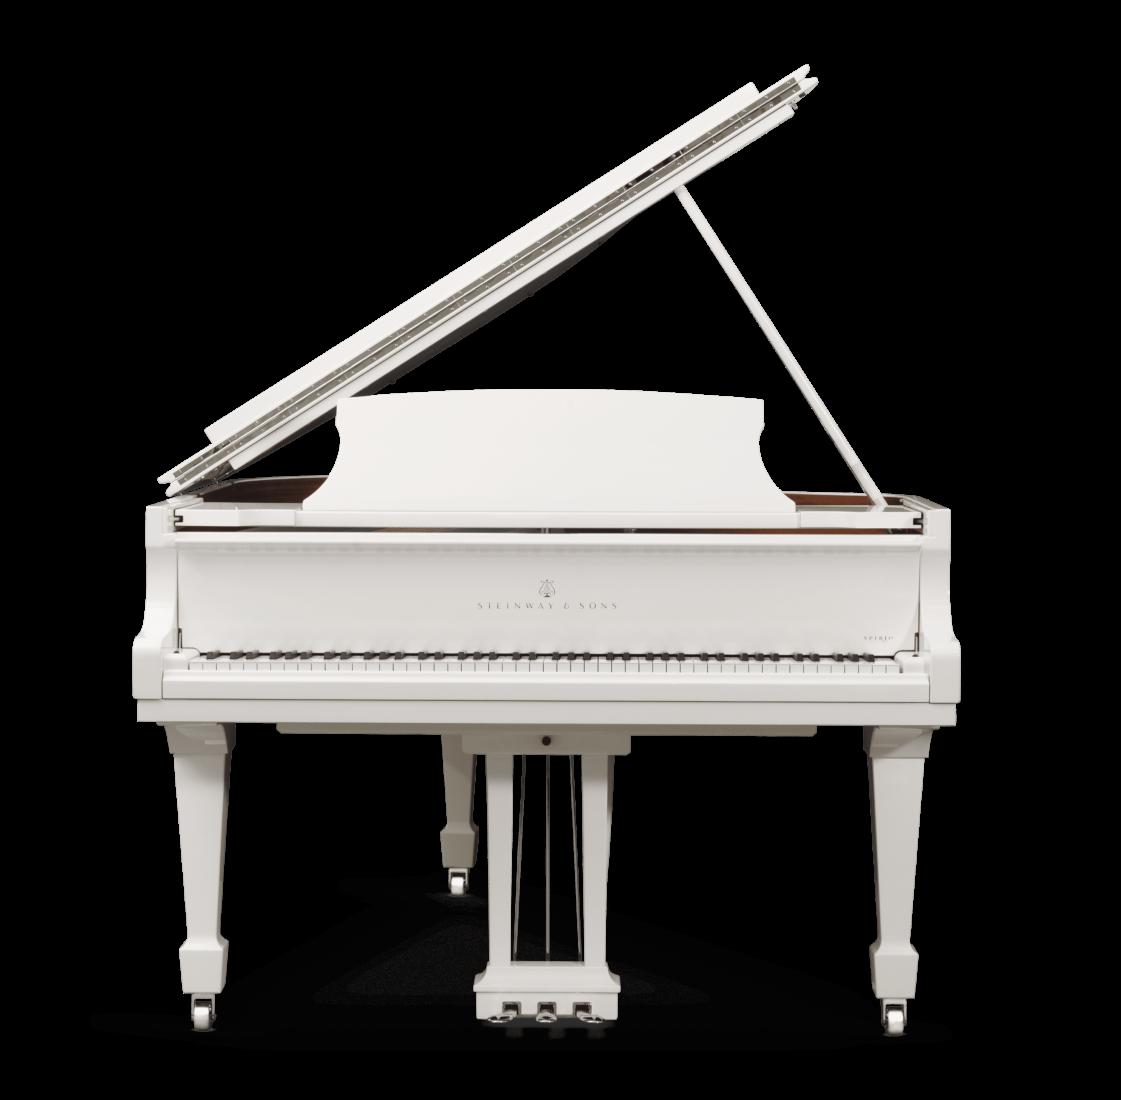 piano de cola Steinway & Sons Spirio O180 Chrome plano frontal